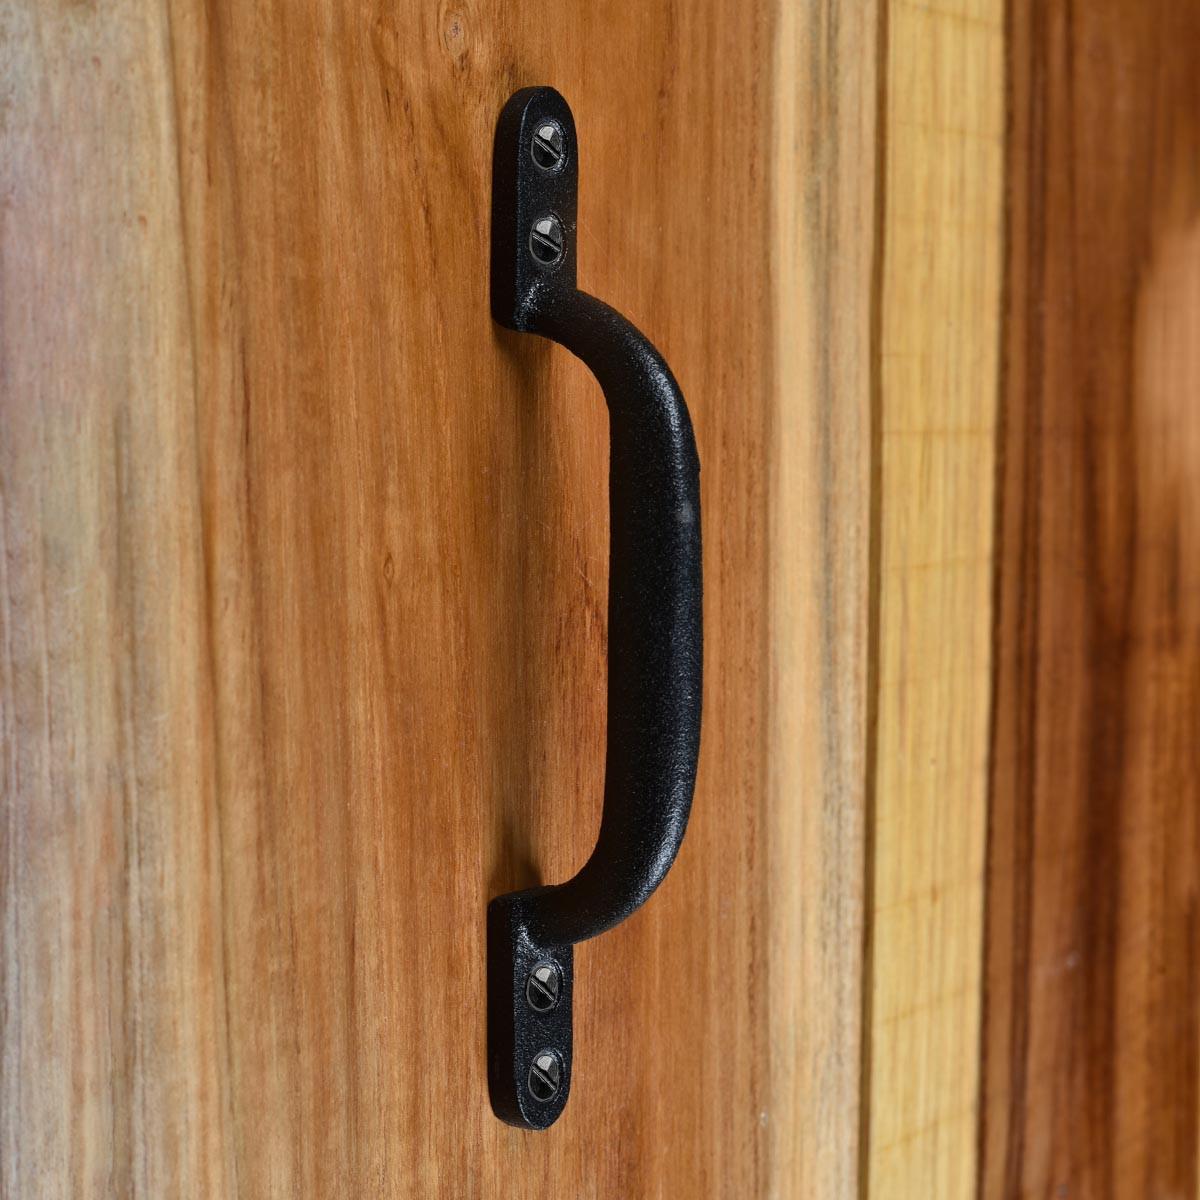 4 Door Pull Black Wrought Iron Pull 6 Door Pull Door Pulls